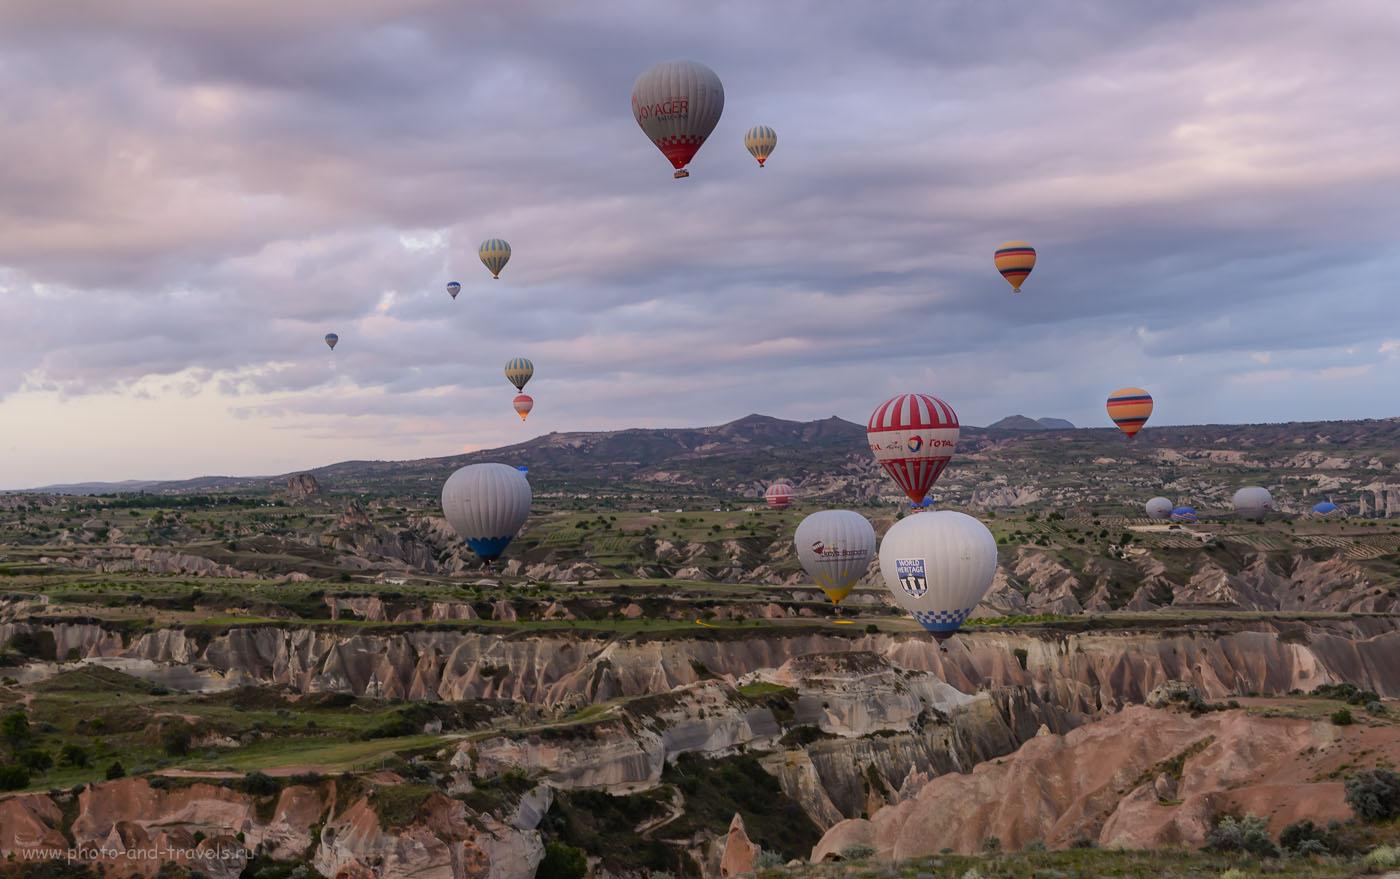 Фотография 10. Воздушные шары в небе над Каппадокией. Отзывы туристов об экскурсиях в Турции. 1/60, 8.0, 800, 40.